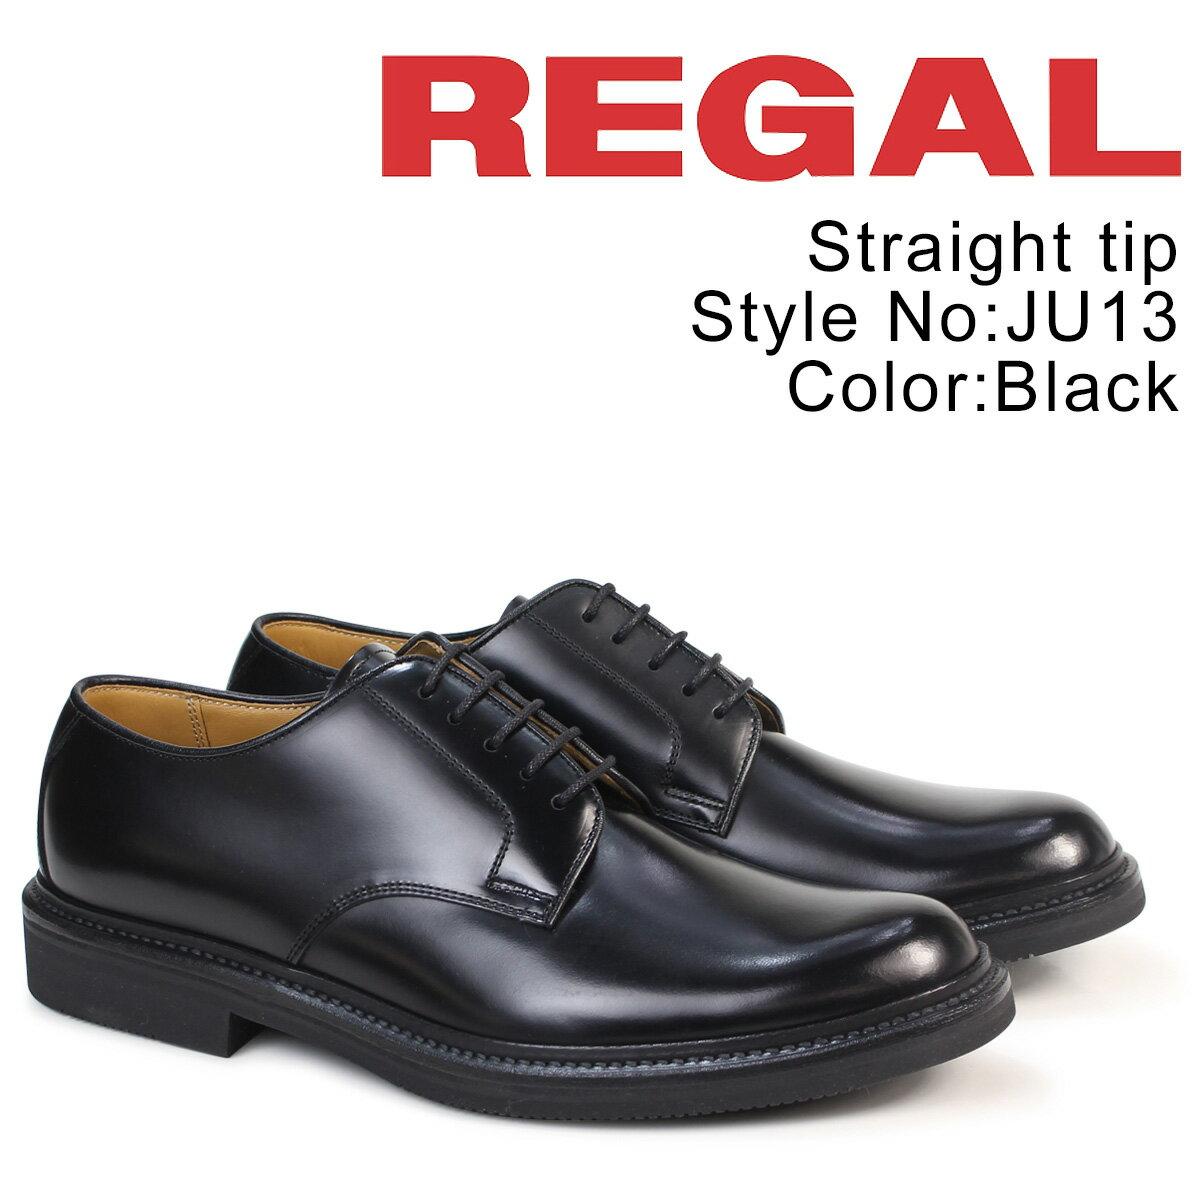 リーガル 靴 メンズ REGAL プレーントゥ JU13AG ビジネスシューズ ブラック